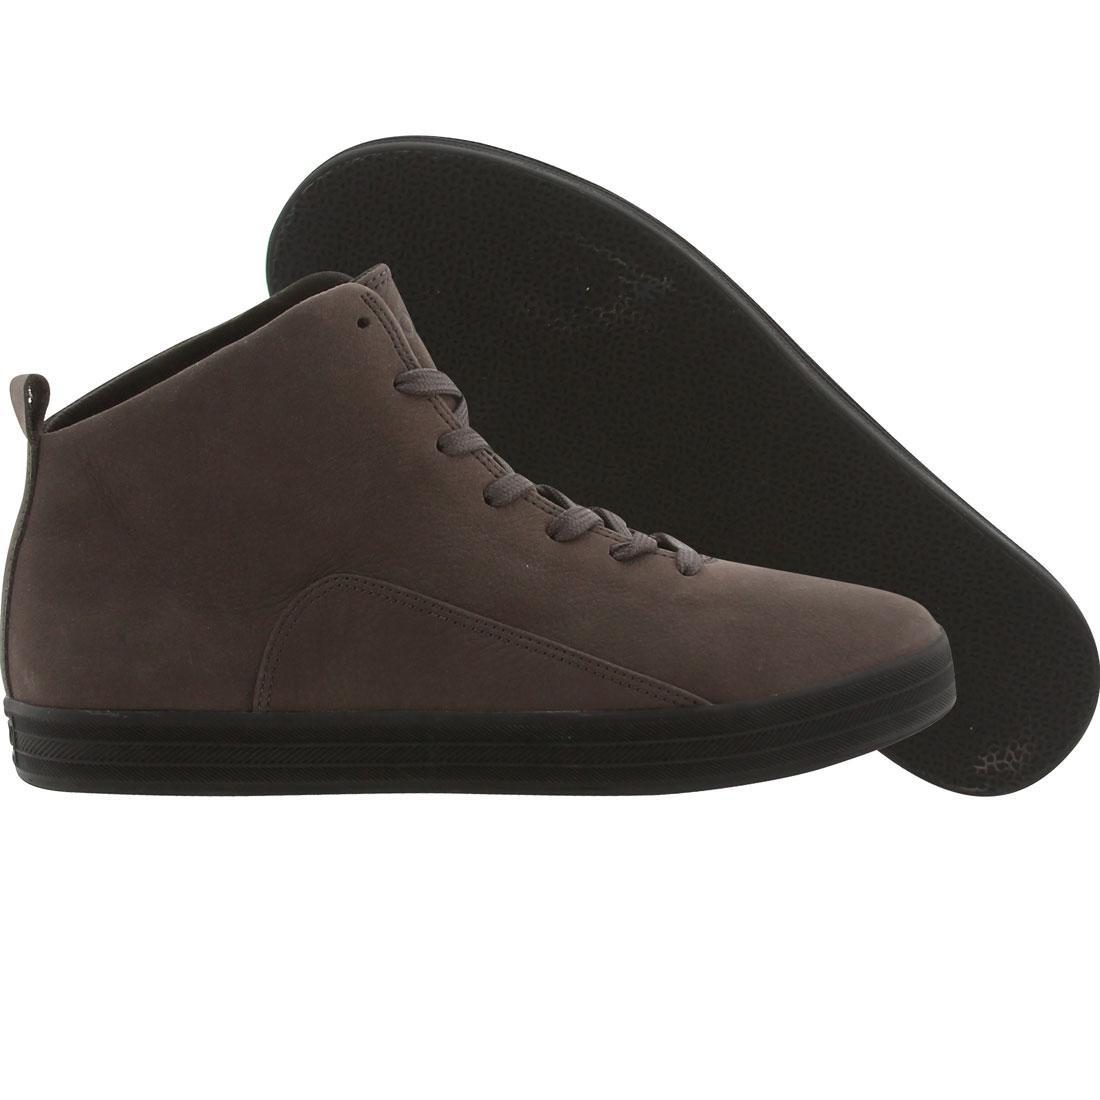 【海外限定】グルメ 茶 ブラウン L'QUATTRO 靴 メンズ靴 【 BROWN GOURMET DARK BLACK 】